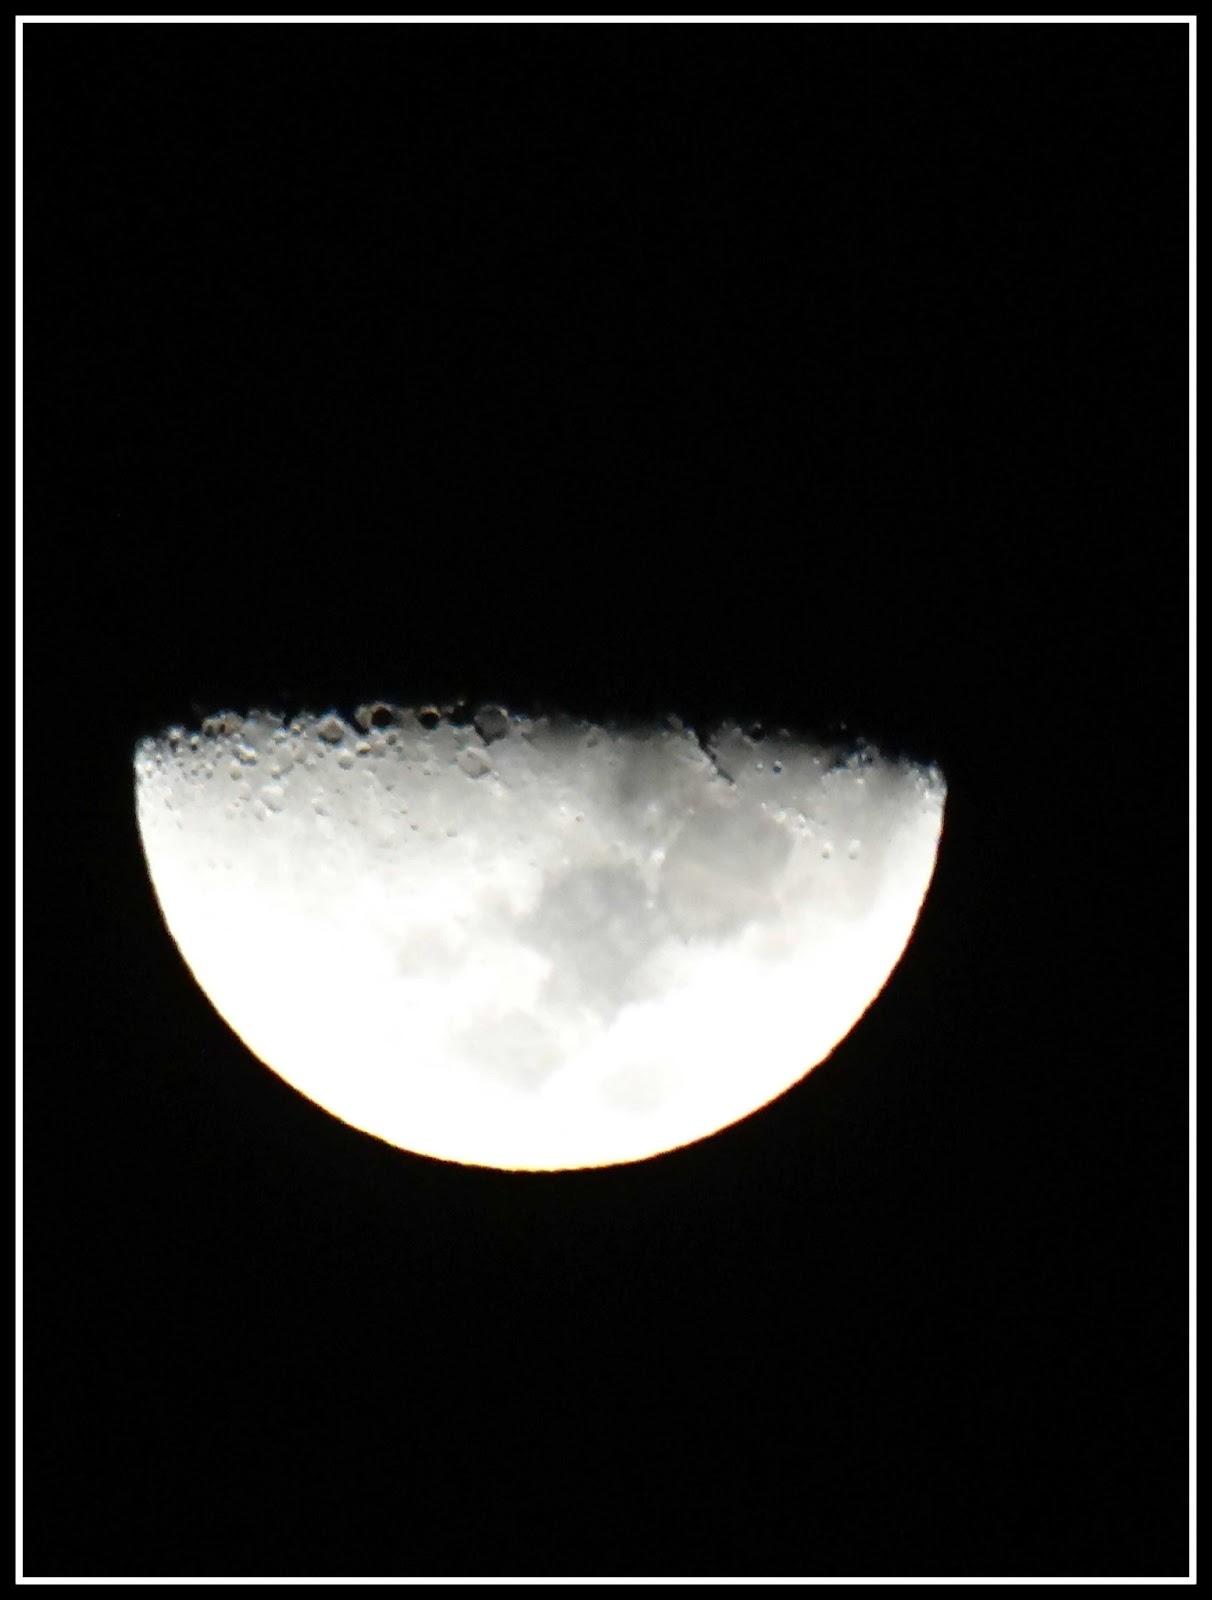 Beautiful half moon at night close up photography